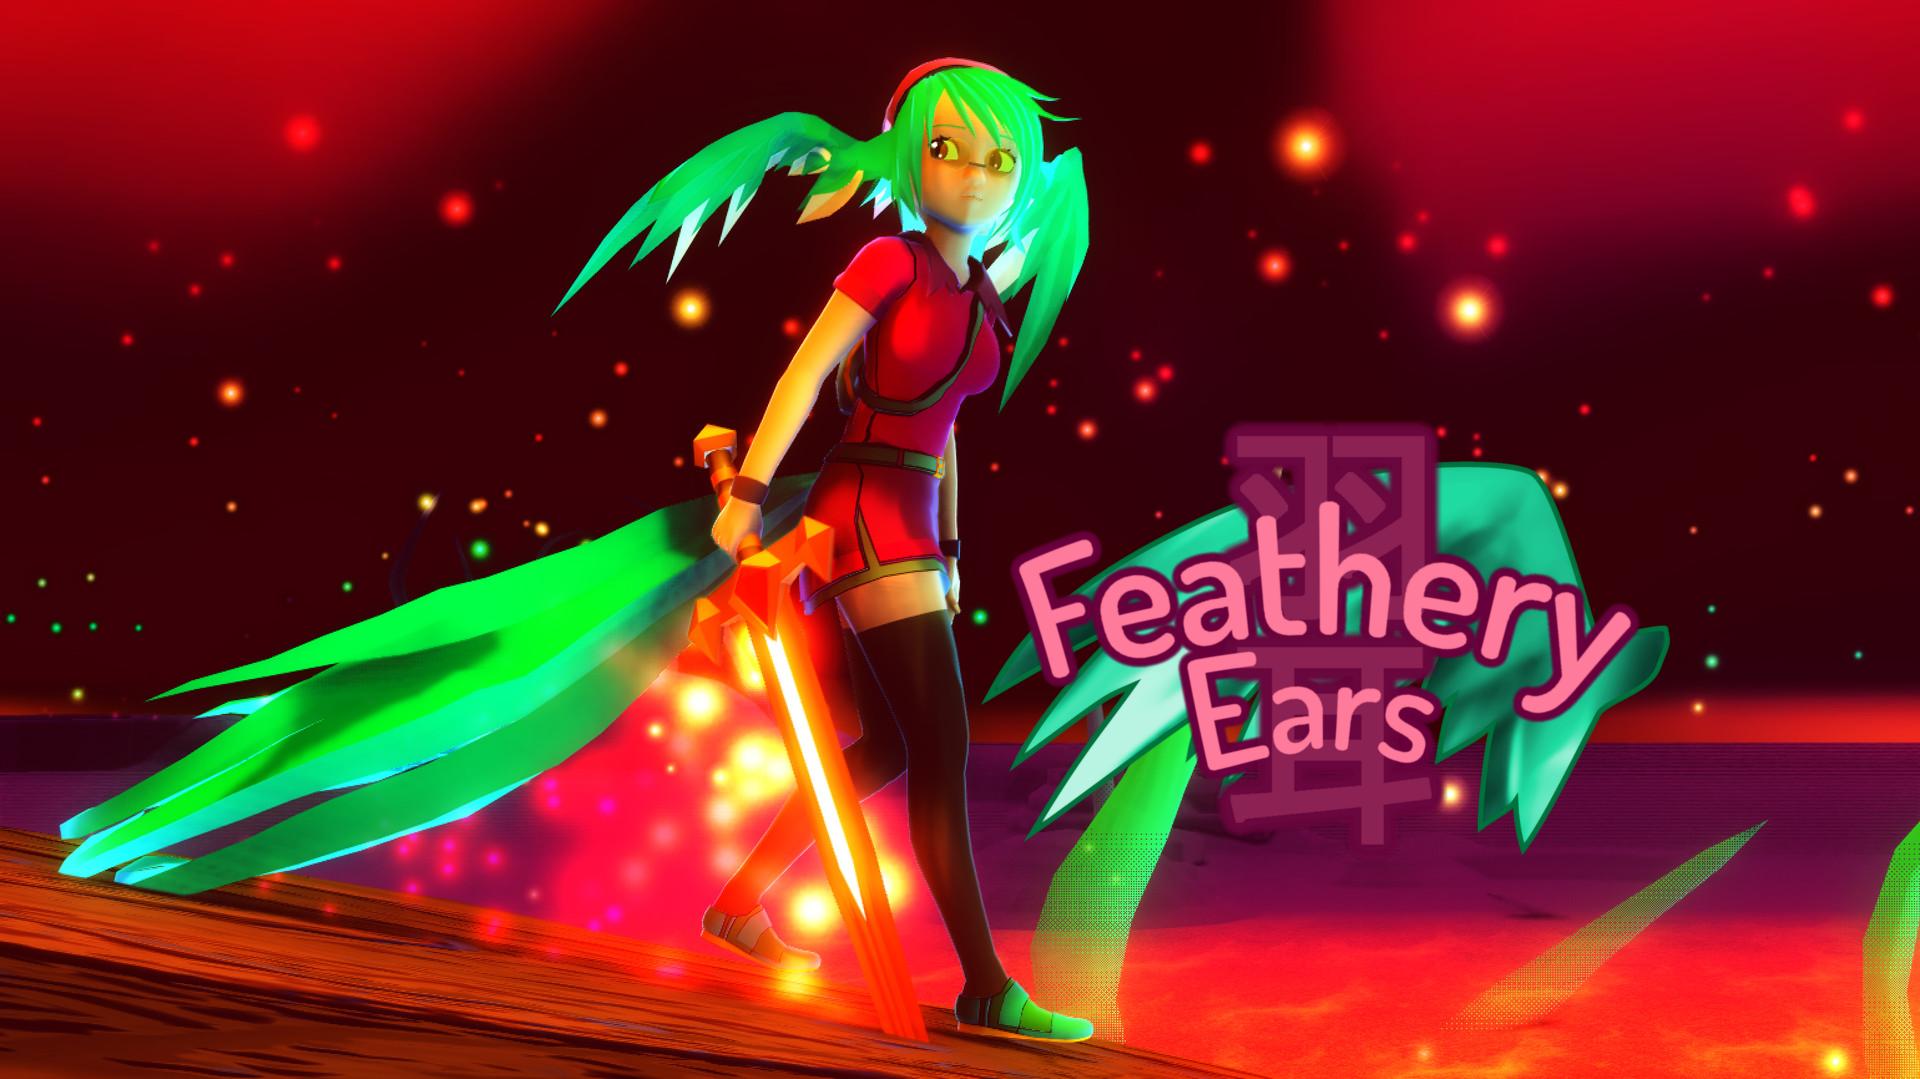 Feathery Ears 羽耳